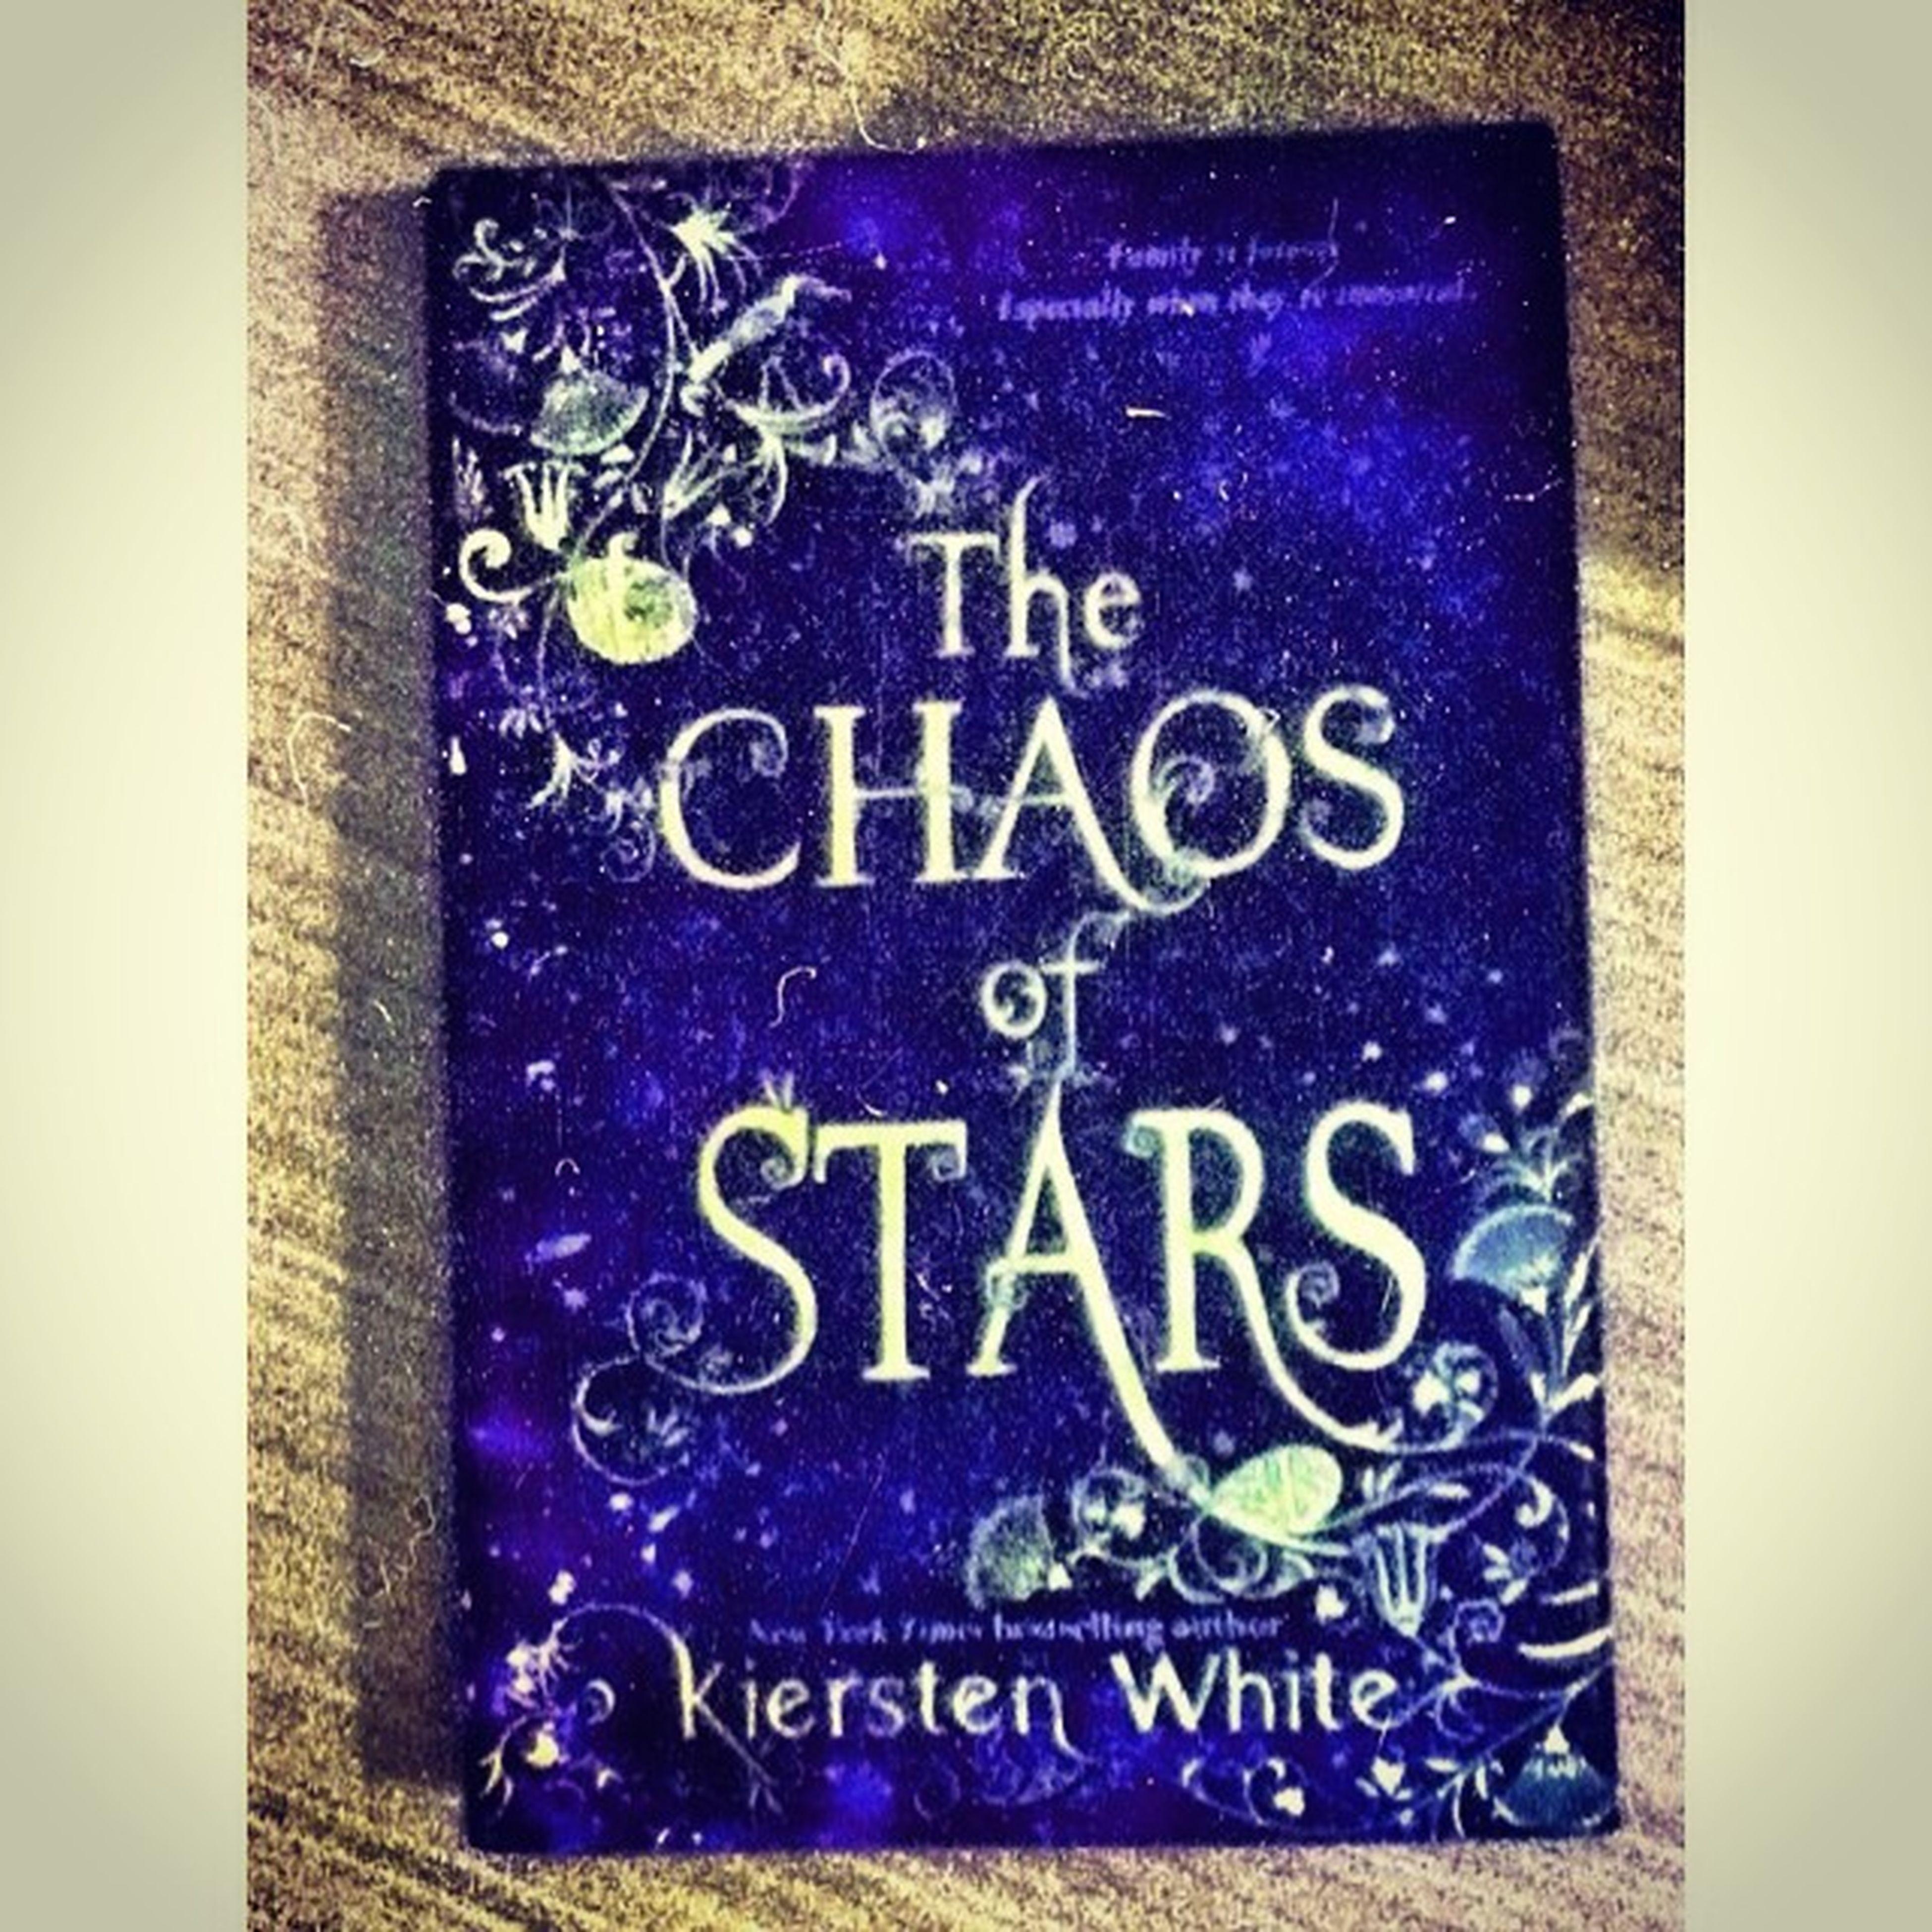 Newbook Thechaosofstars 💫💫🌟✨